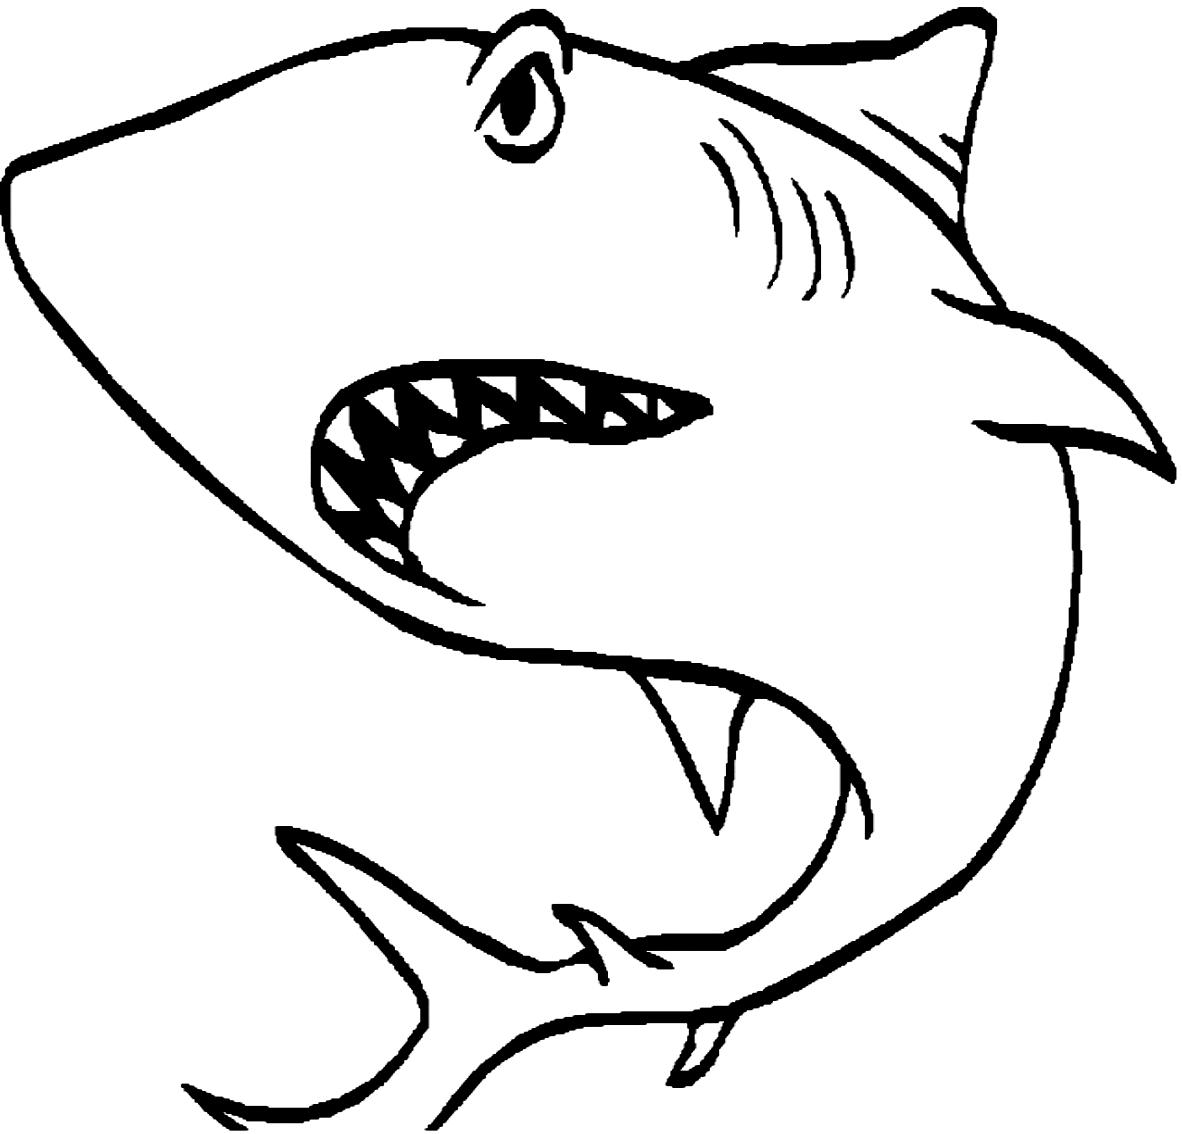 Disegno 1 di squali da stampare e colorare